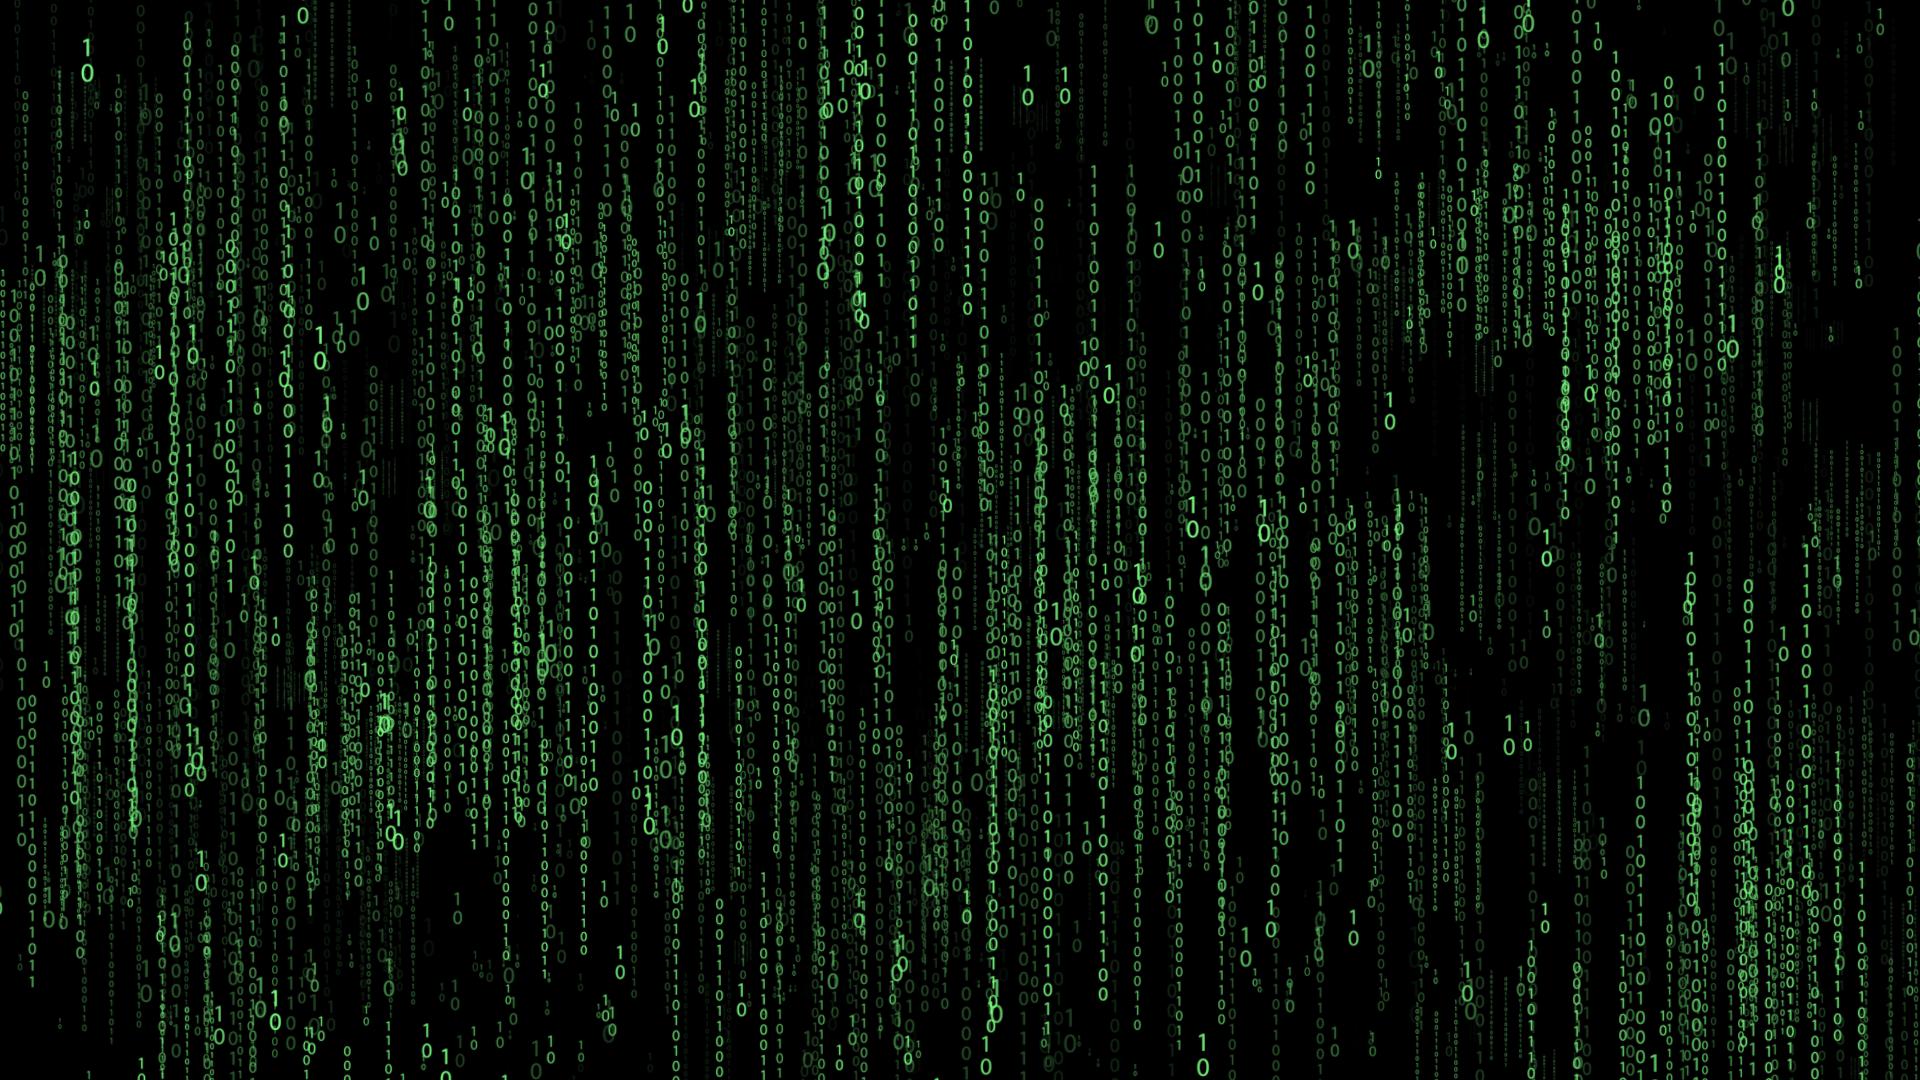 Binary Code Wallpaper HD 1920x1080